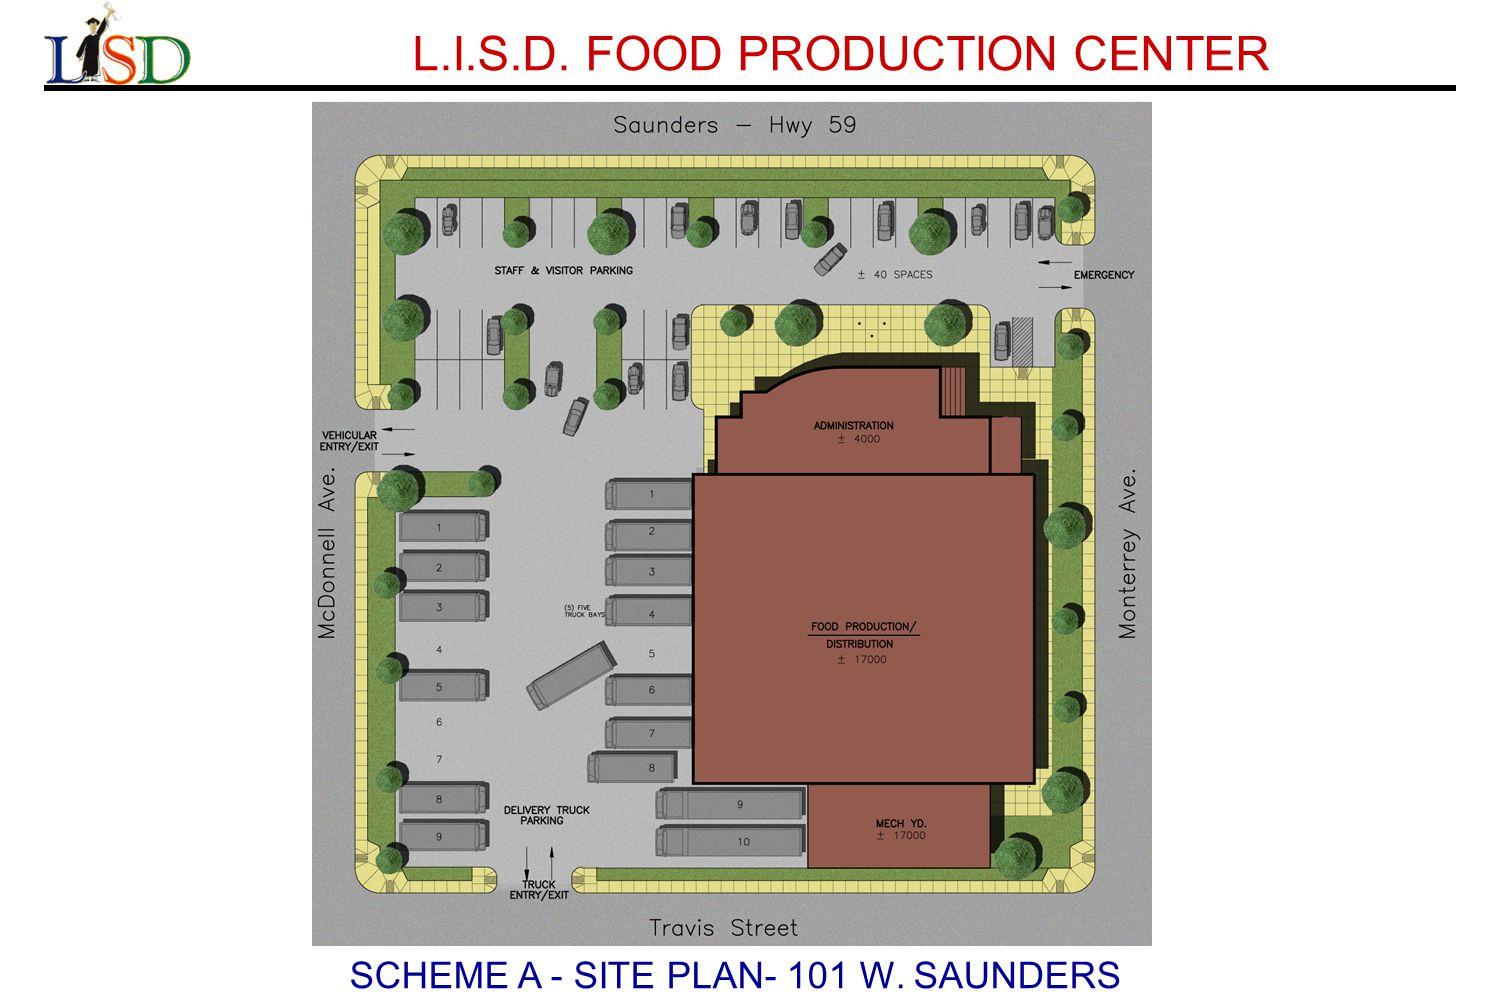 L.I.S.D. FOOD PRODUCTION CENTER SCHEME A - SITE PLAN- 101 W. SAUNDERS